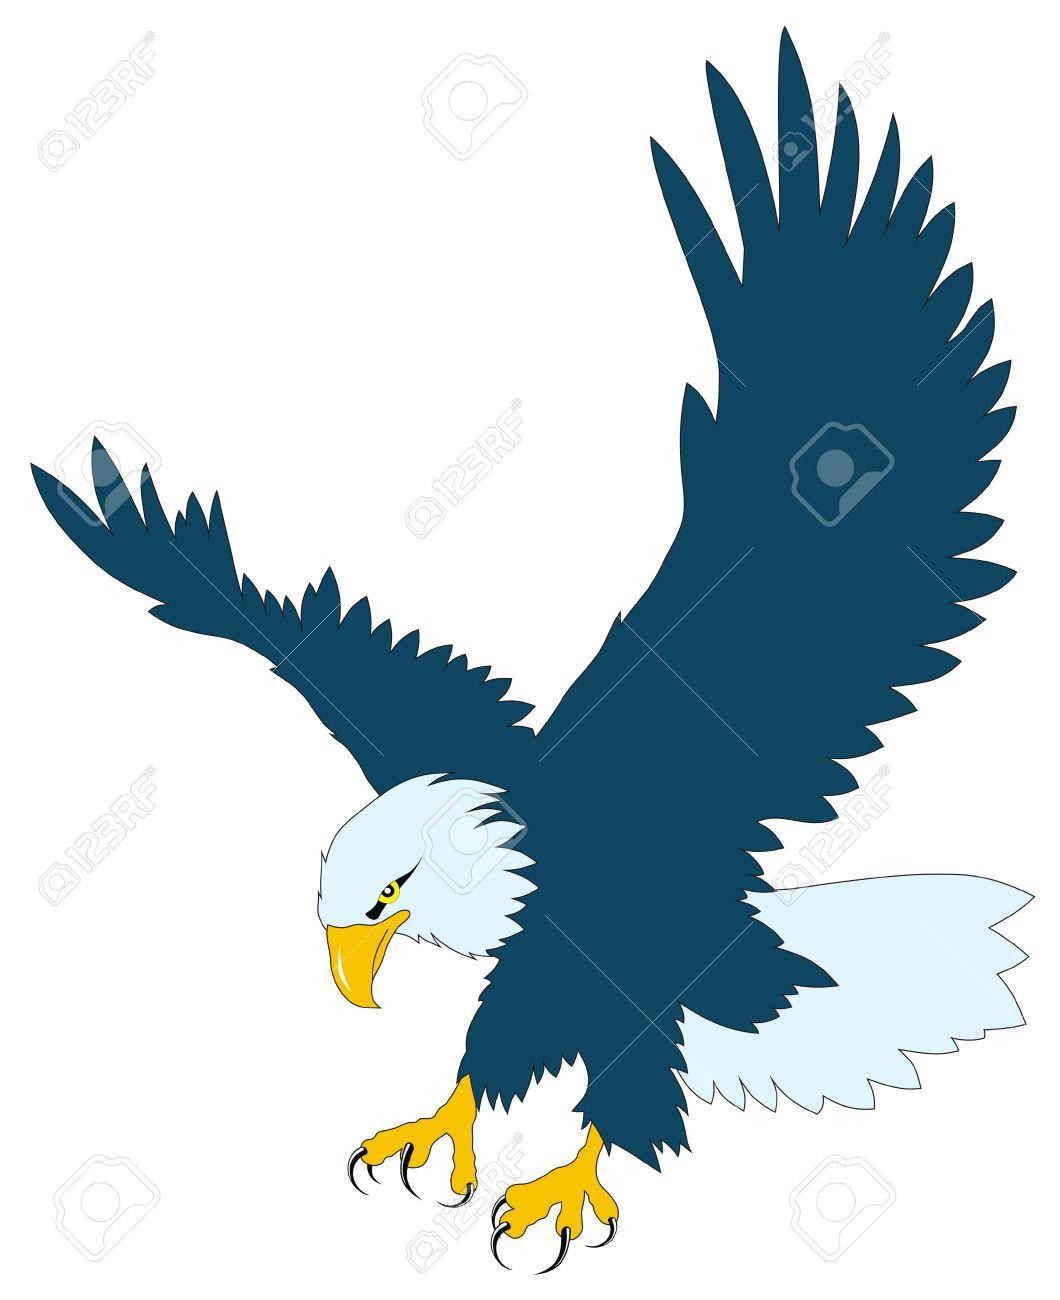 Flying Eagle Outline